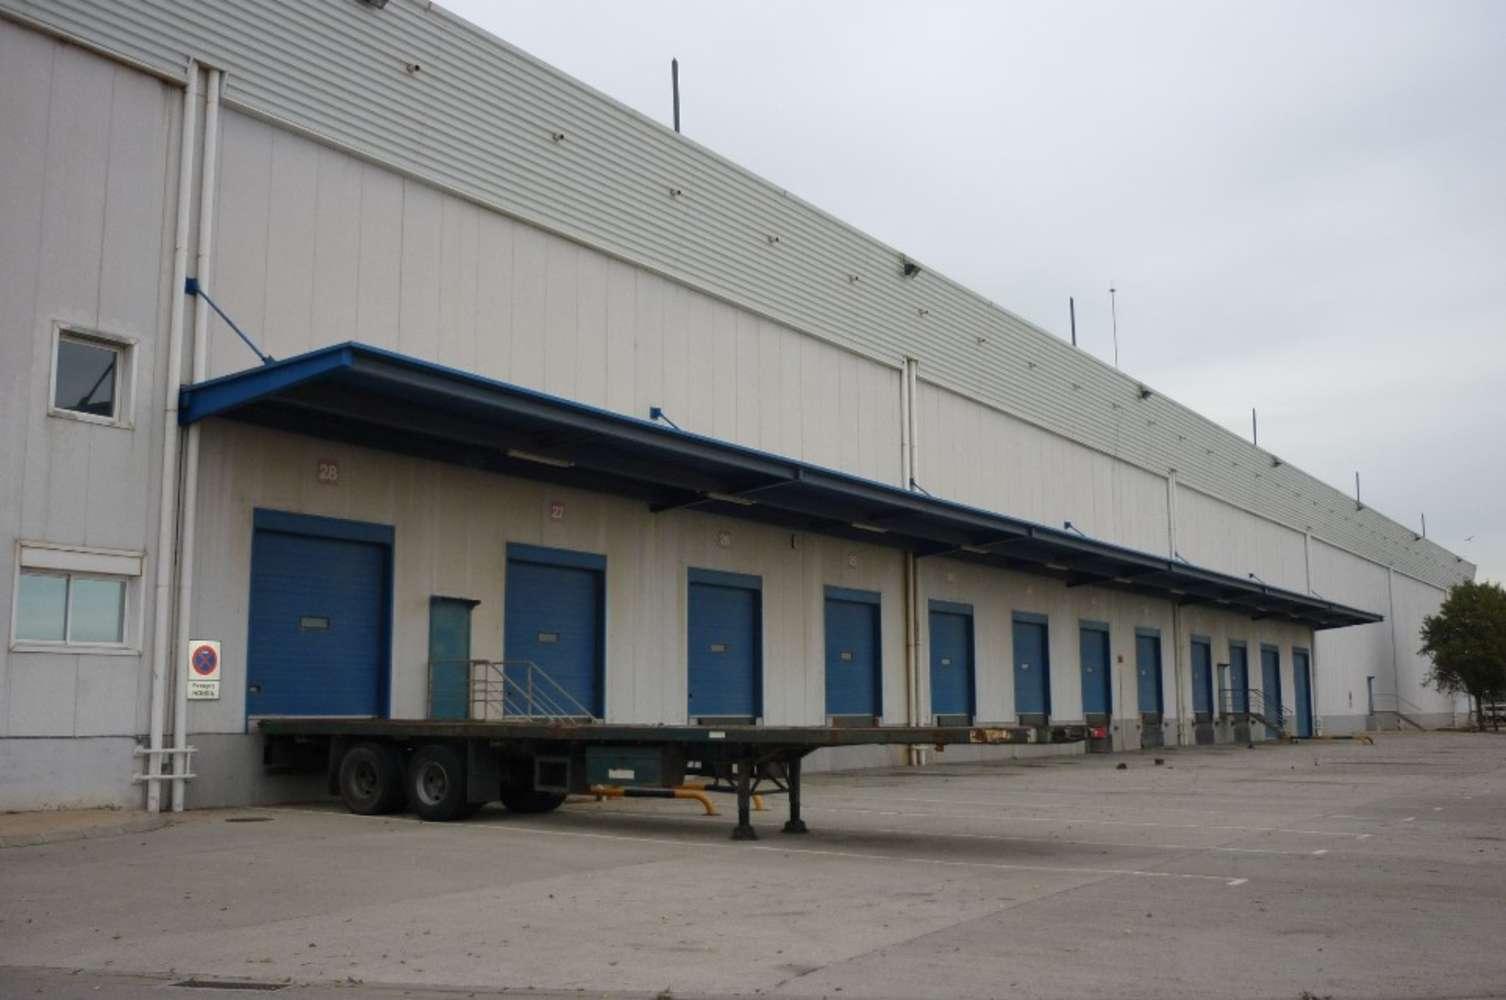 Naves industriales y logísticas Barcelona, 08040 - Nave Logistica - B0047 - ZAL I PUERTO DE BARCELONA - 3333